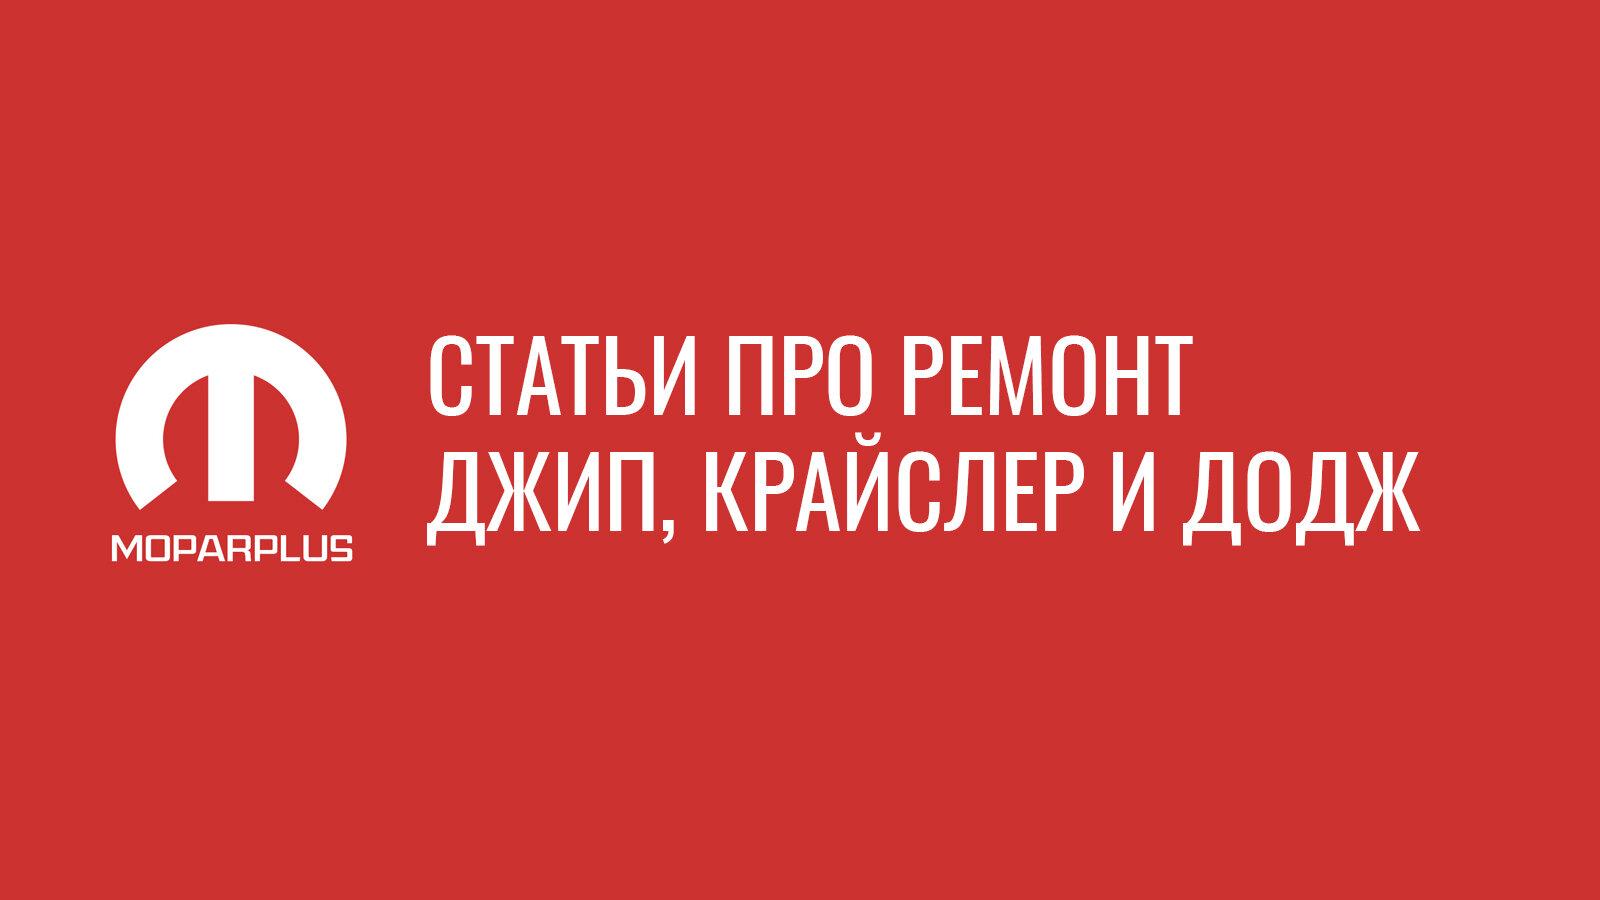 Cтатьи про ремонт. Выпуск №84.